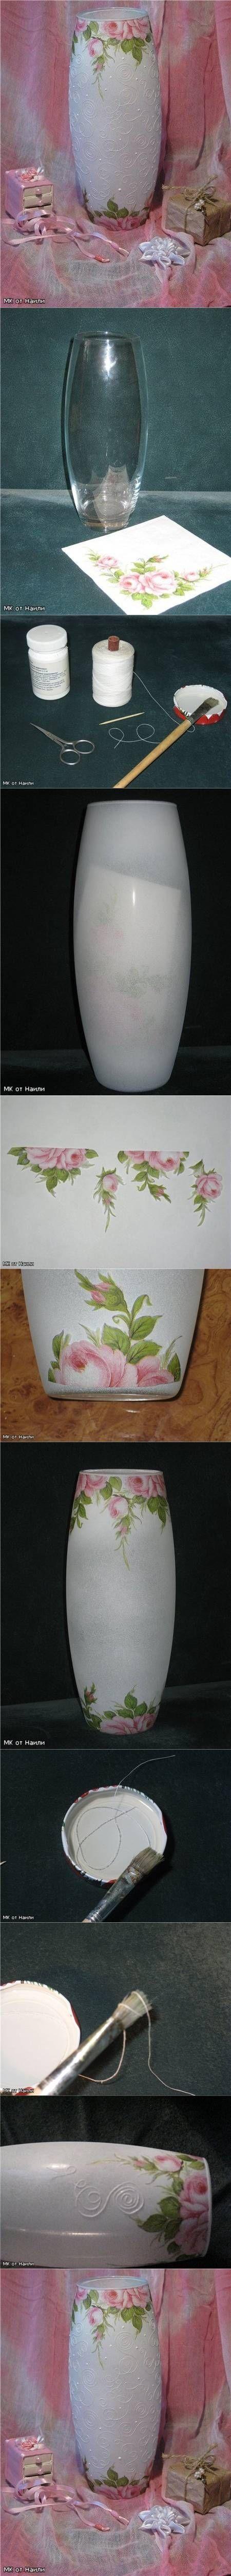 DIY How to Paint a Glass Jar via usefuldiy.com